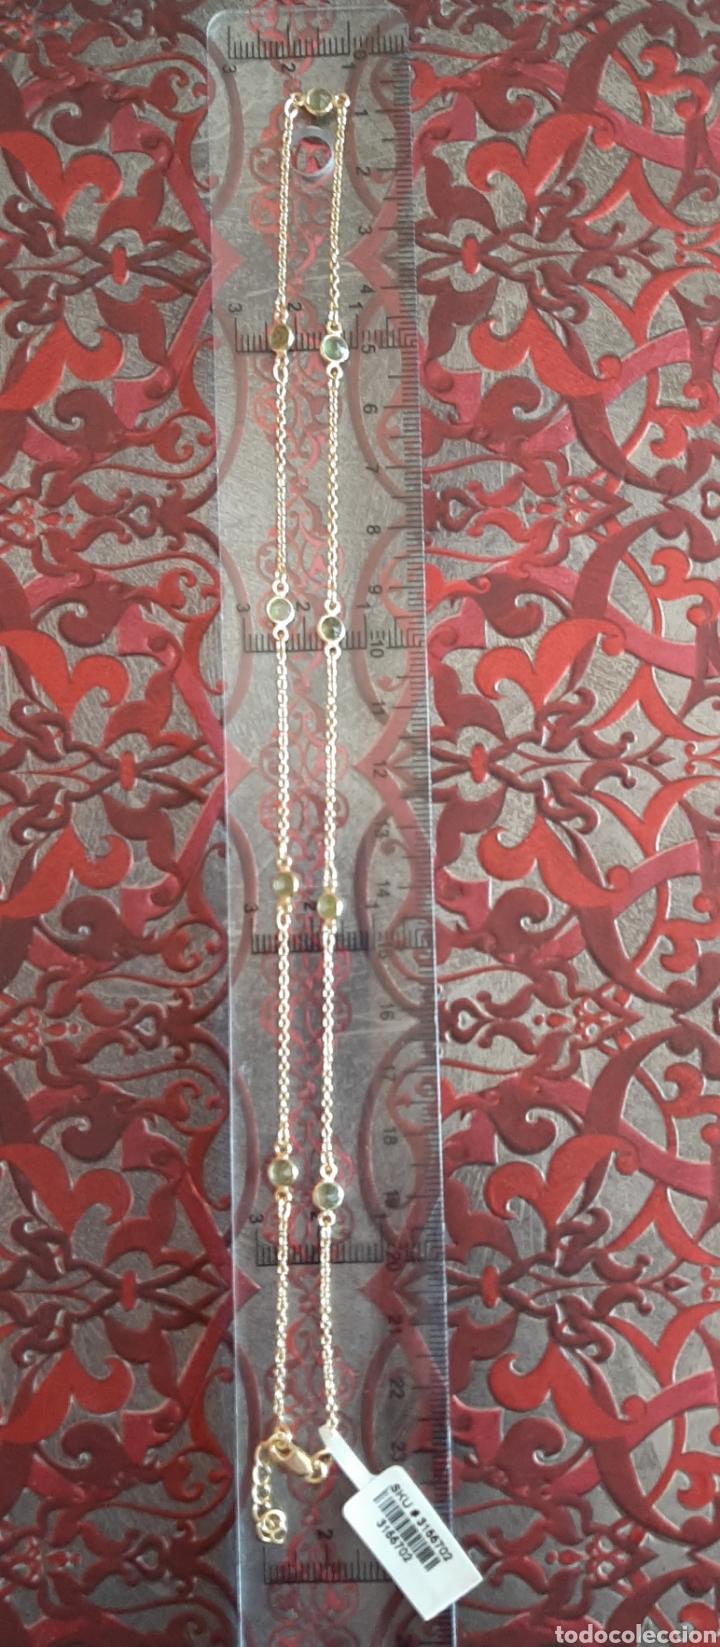 Joyeria: COLLAR DE PLATA MARCADO 925 Y TURMALINA VERDE, ESTADO NUEVO CON ETIQUETA. - Foto 6 - 194870592